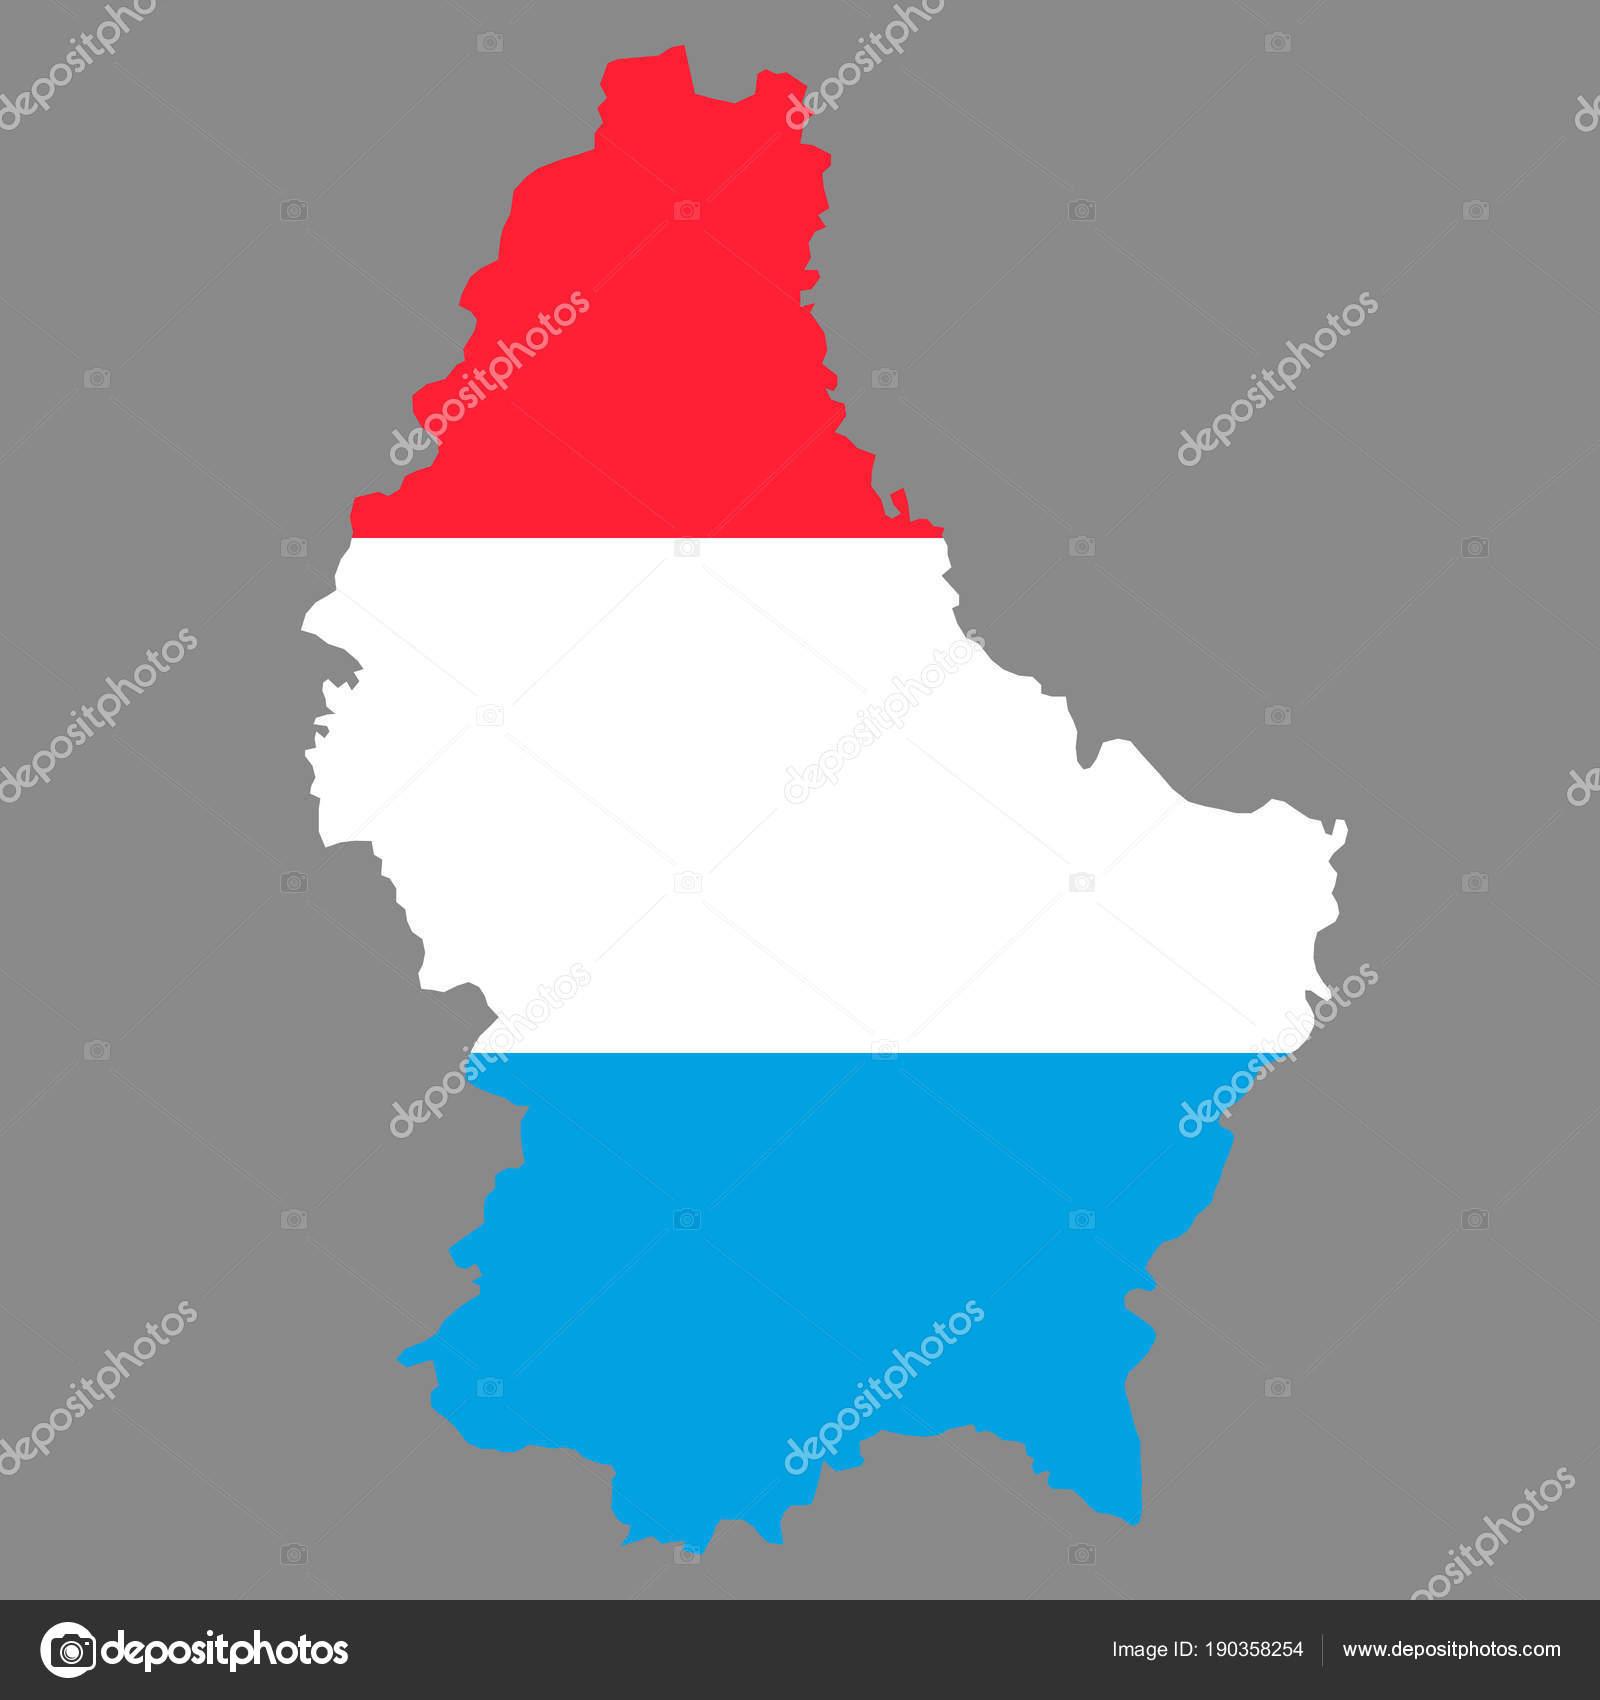 mapa luxemburgo pais mapa de fronteiras de país de silhueta de Luxemburgo no fundo da  mapa luxemburgo pais